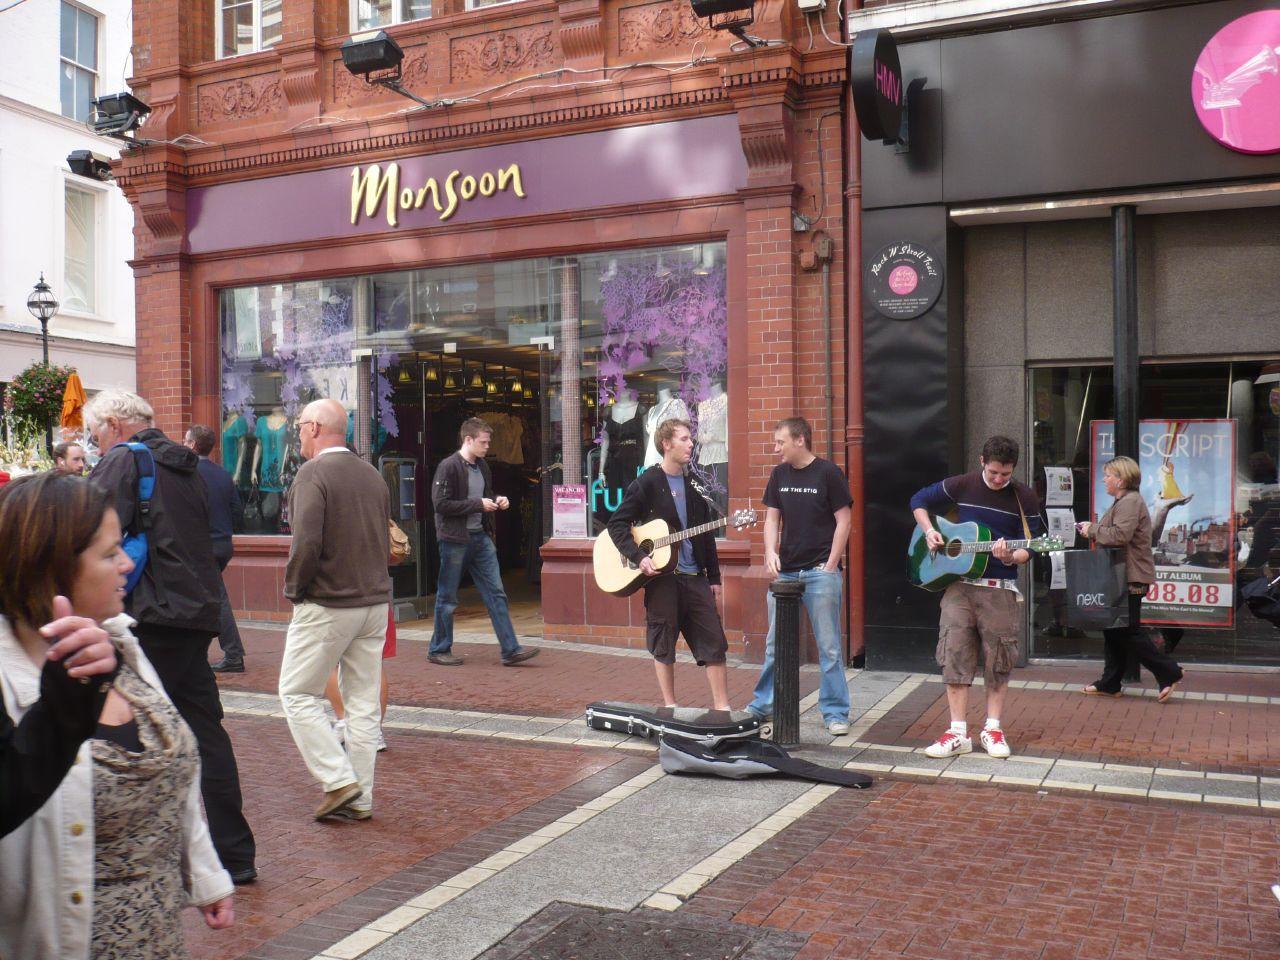 cantando en una calle de Dublin, cualqier hora es buena